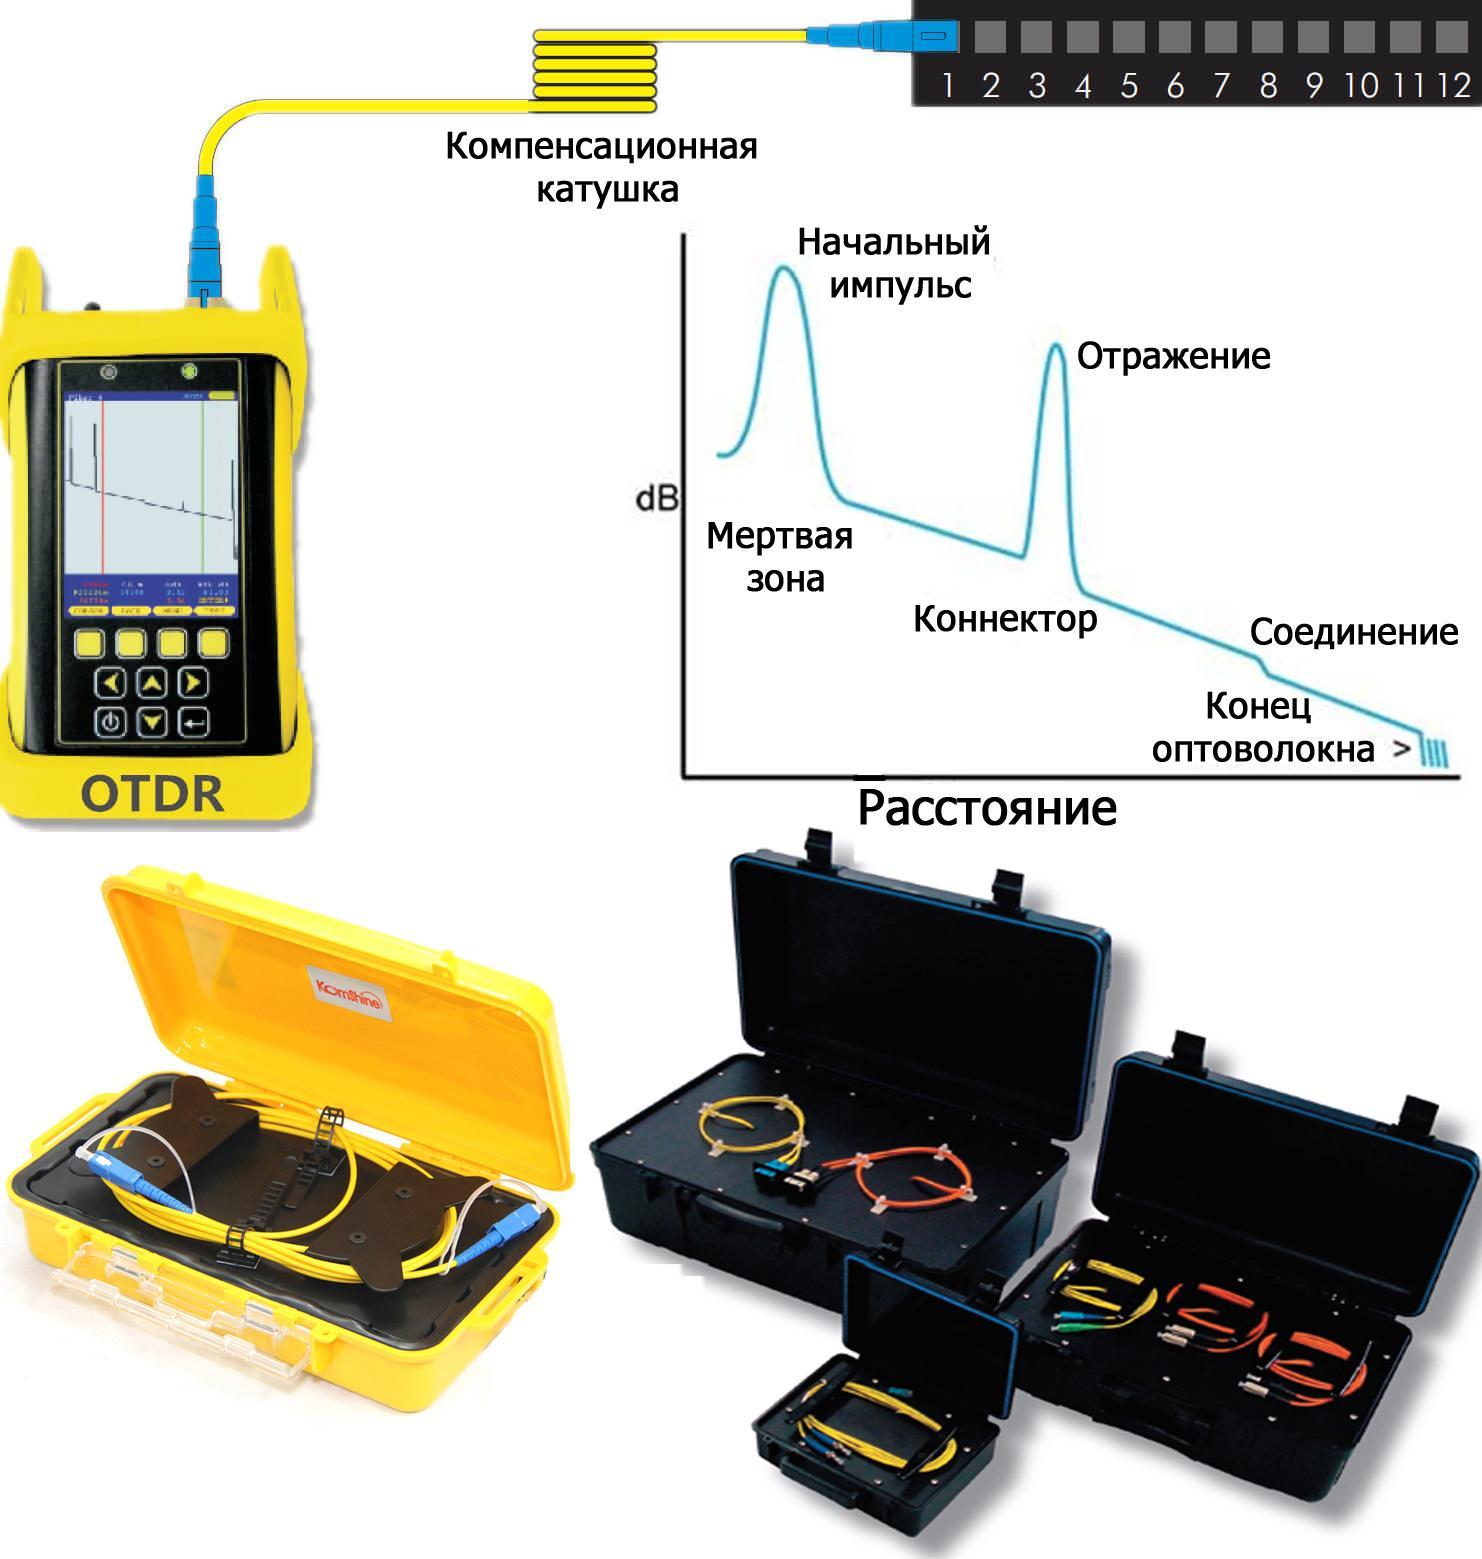 Возможности рефлектометра и разные дизайны контейнеров для компенсационной катушки